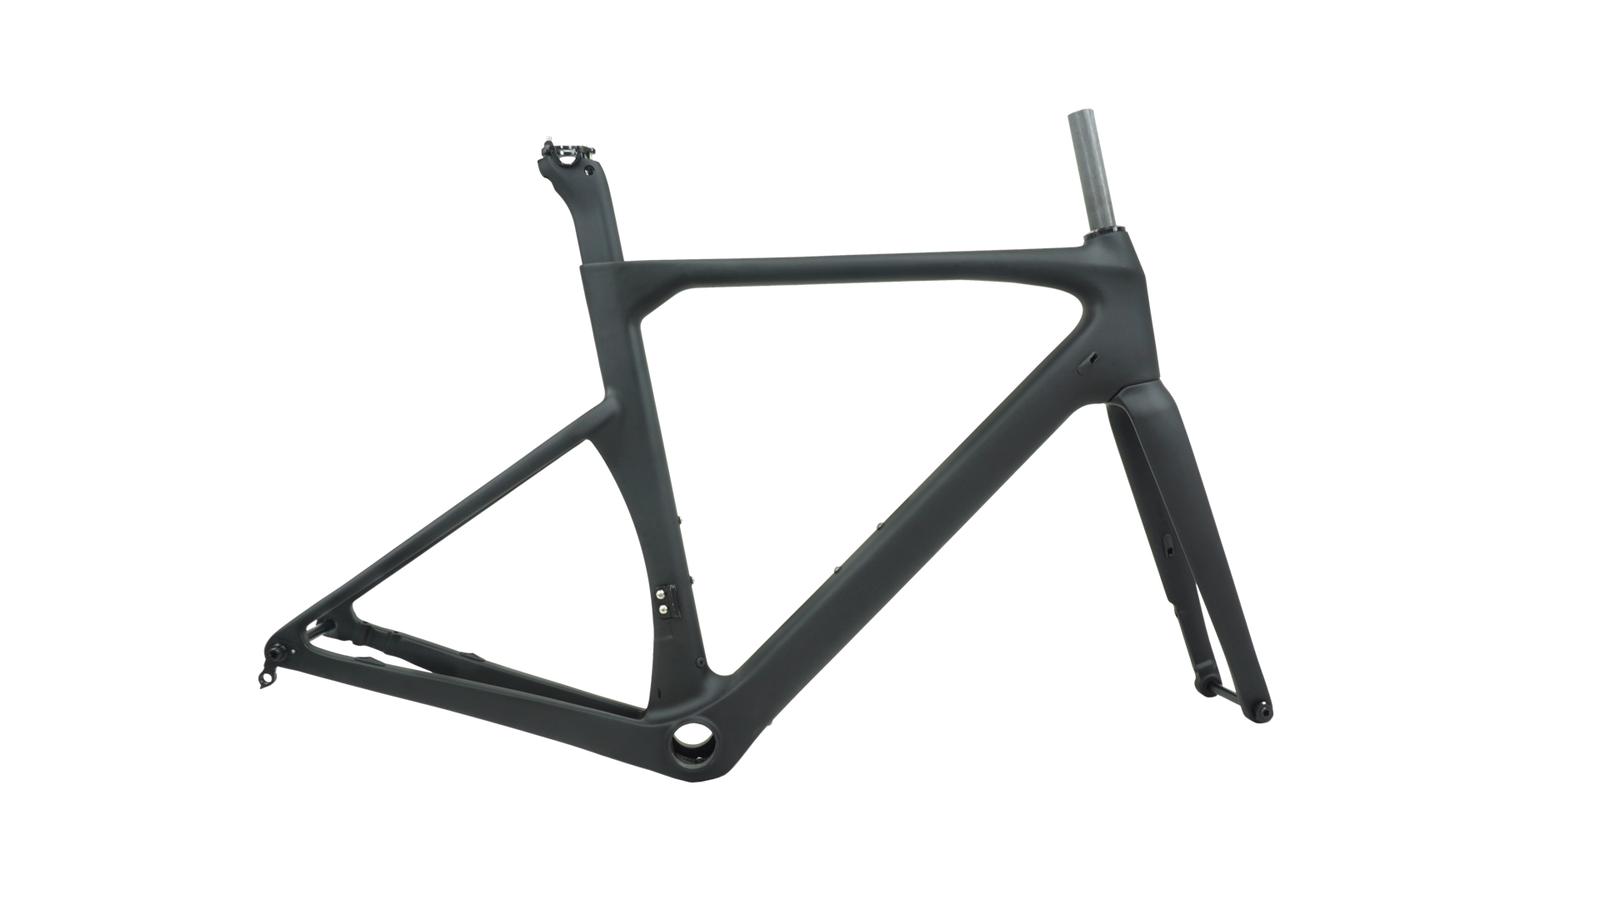 Disque de frein carbon Road frame 14212mm unidirectionnelle Vélo de route cadre vélo Di2 frameset